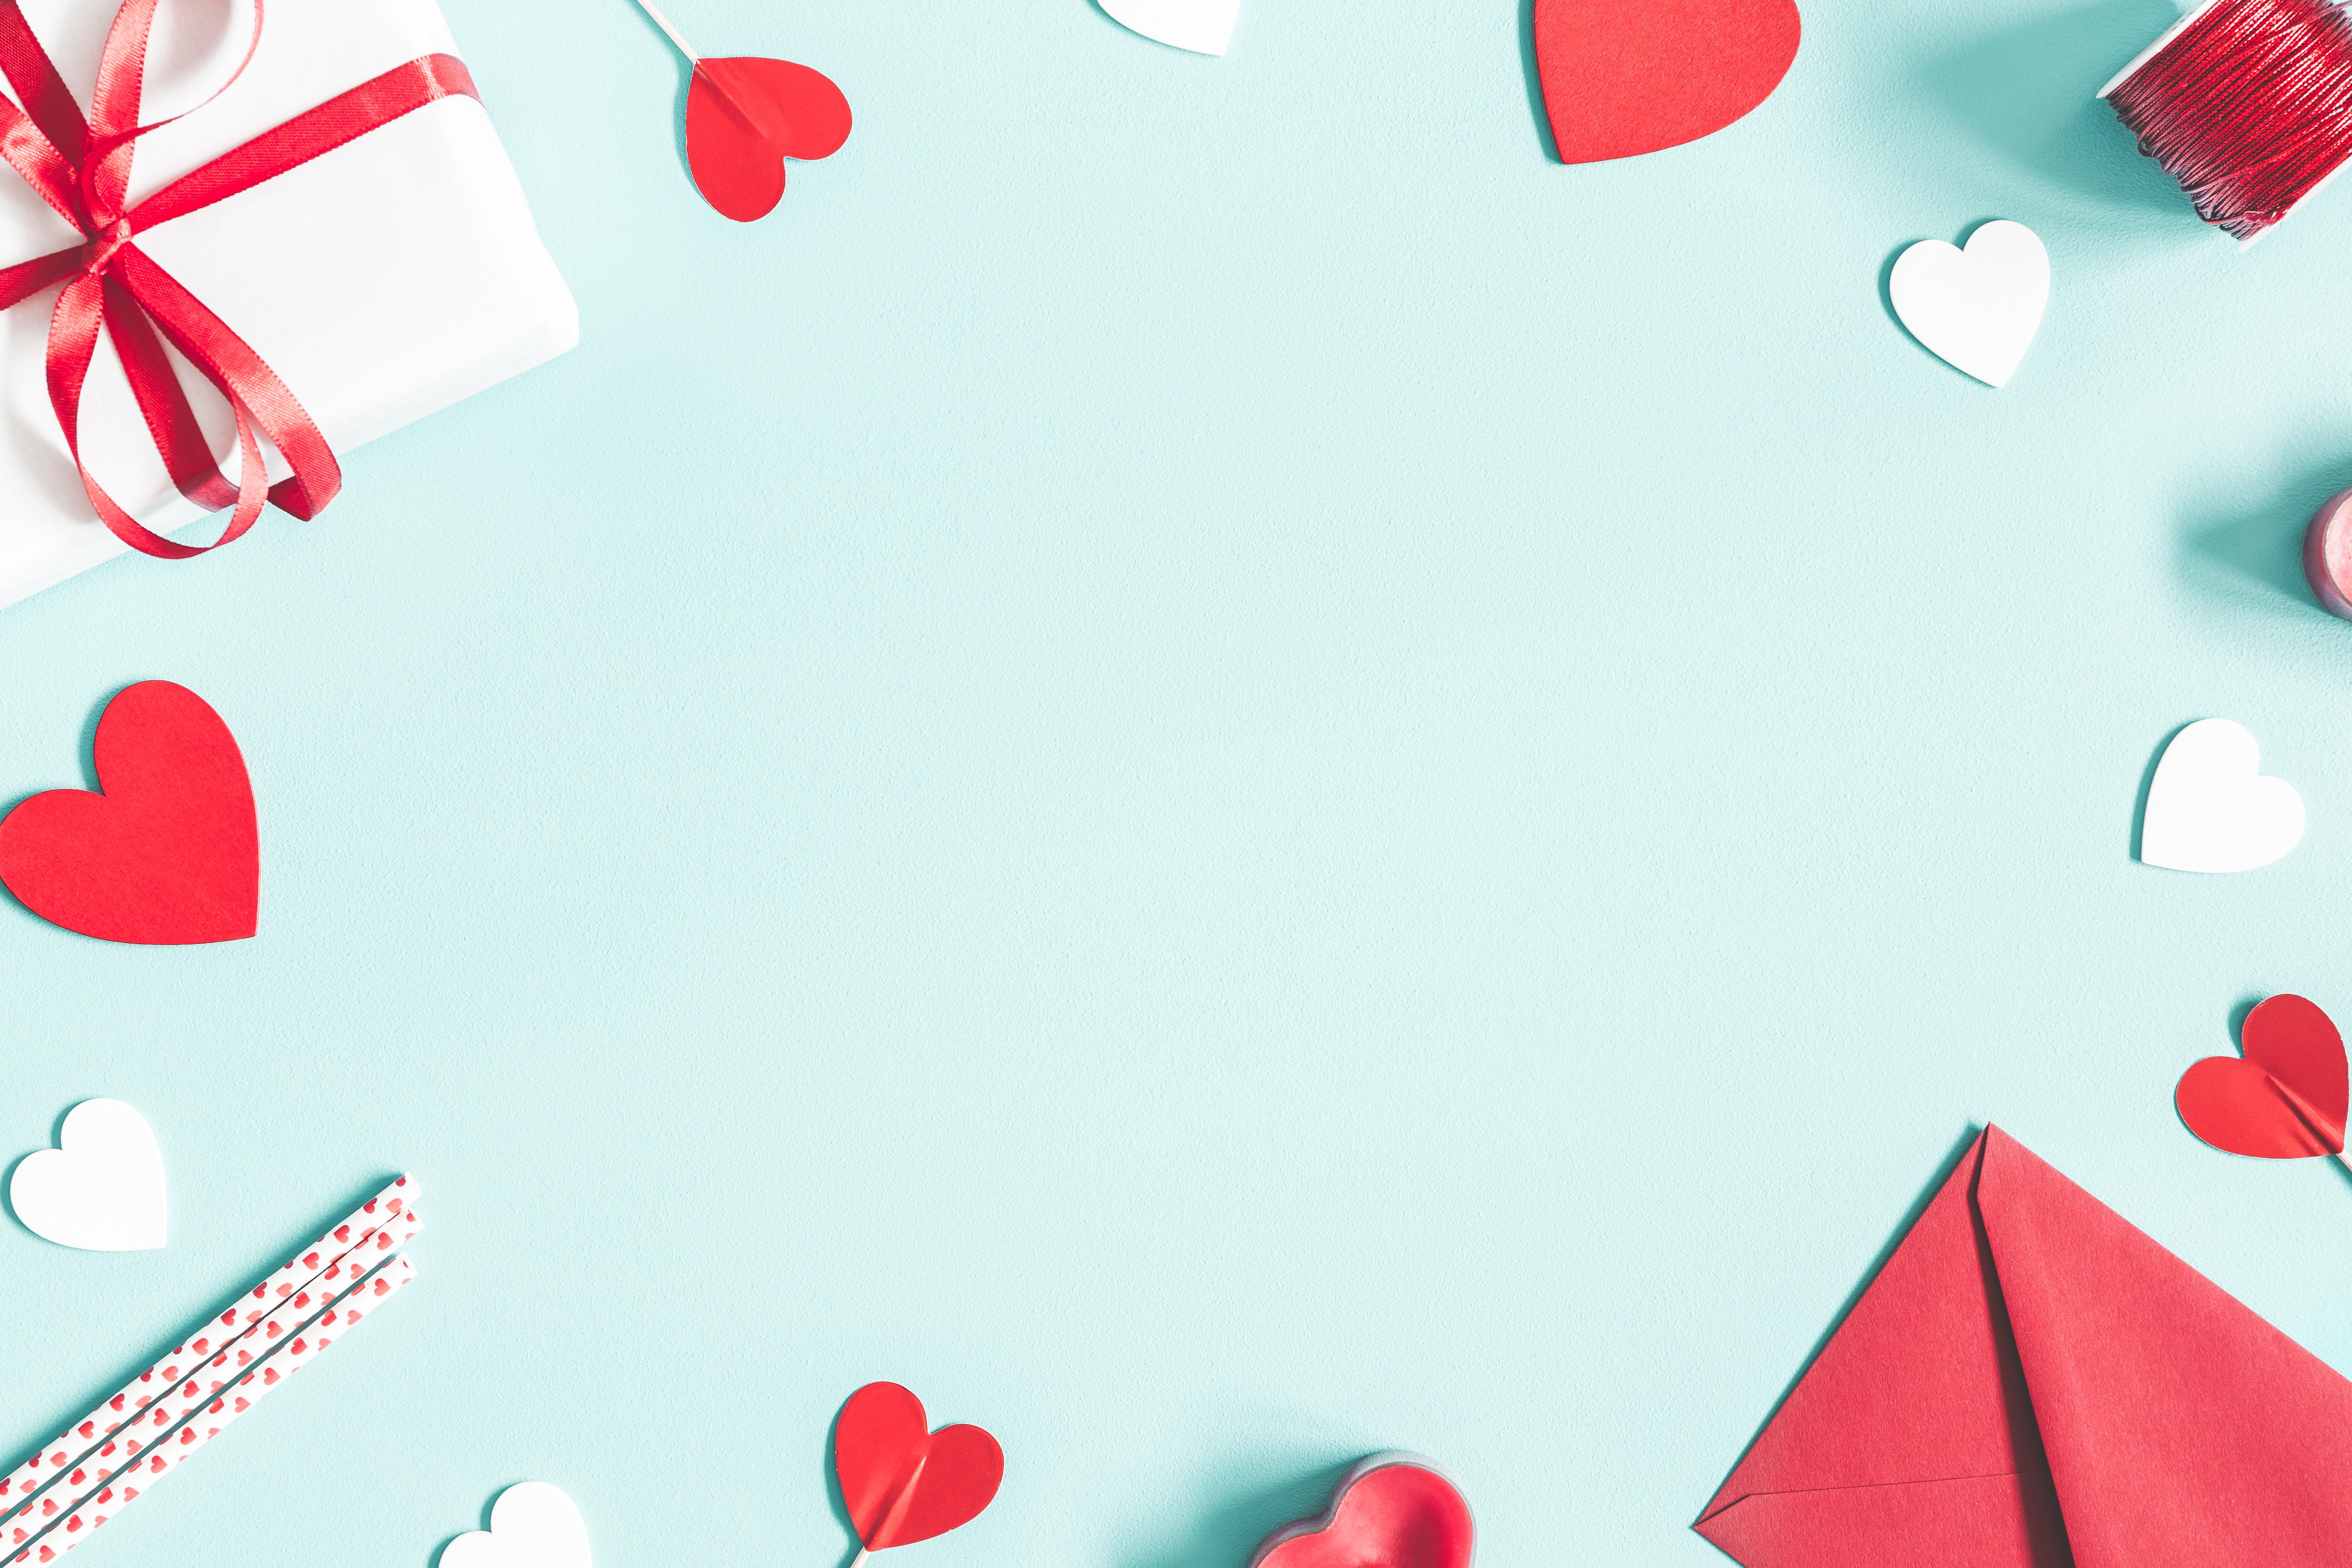 素敵なバレンタインデー